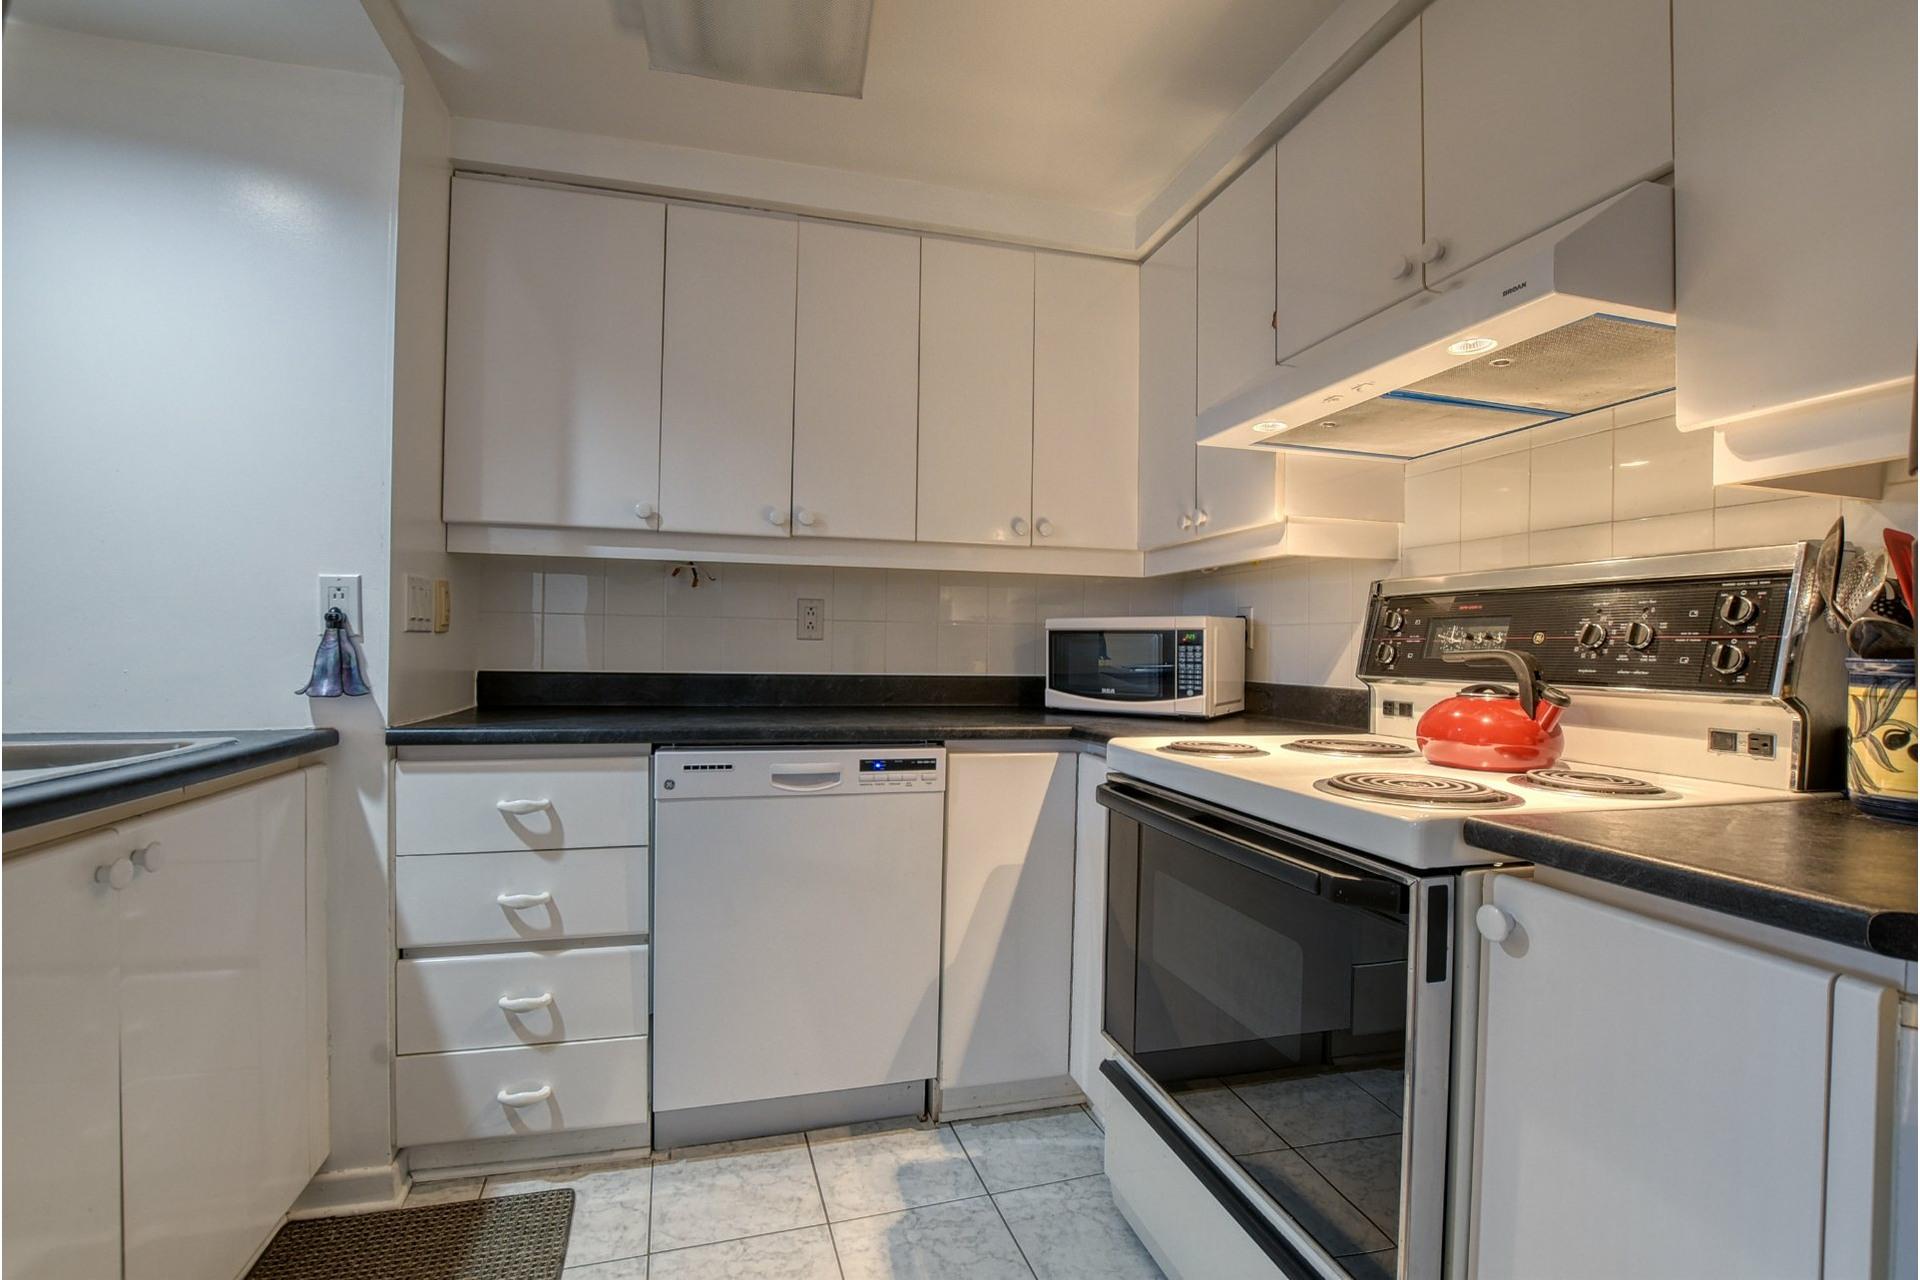 image 5 - Appartement À louer Montréal-Nord Montréal  - 4 pièces